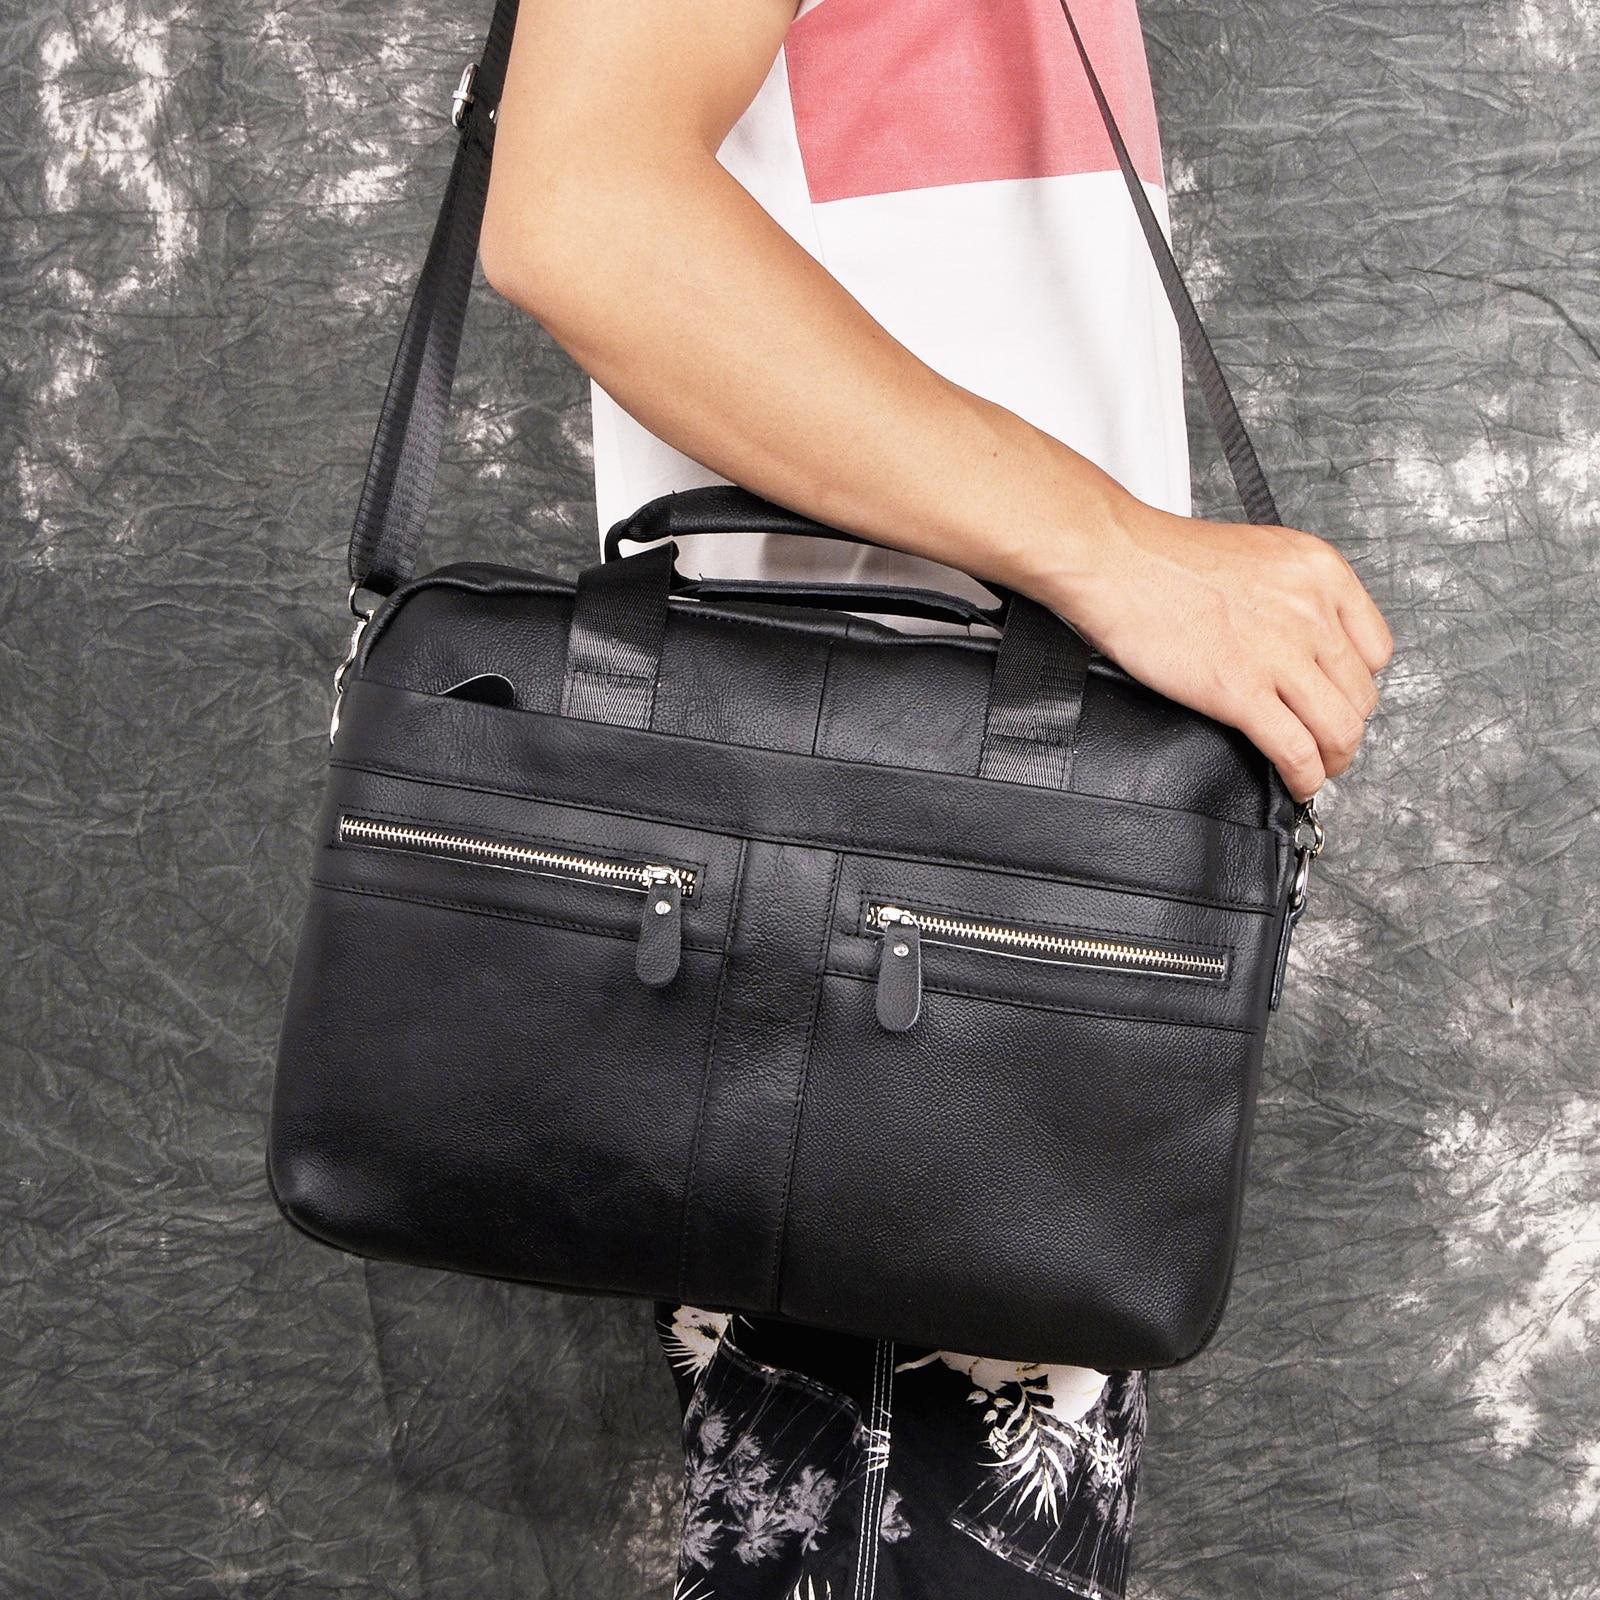 """Men Oil Waxy Leather Antique Design Business Briefcase 15.6"""" Laptop Document Case Attache Messenger Bag Tote Portfolio 1115b"""